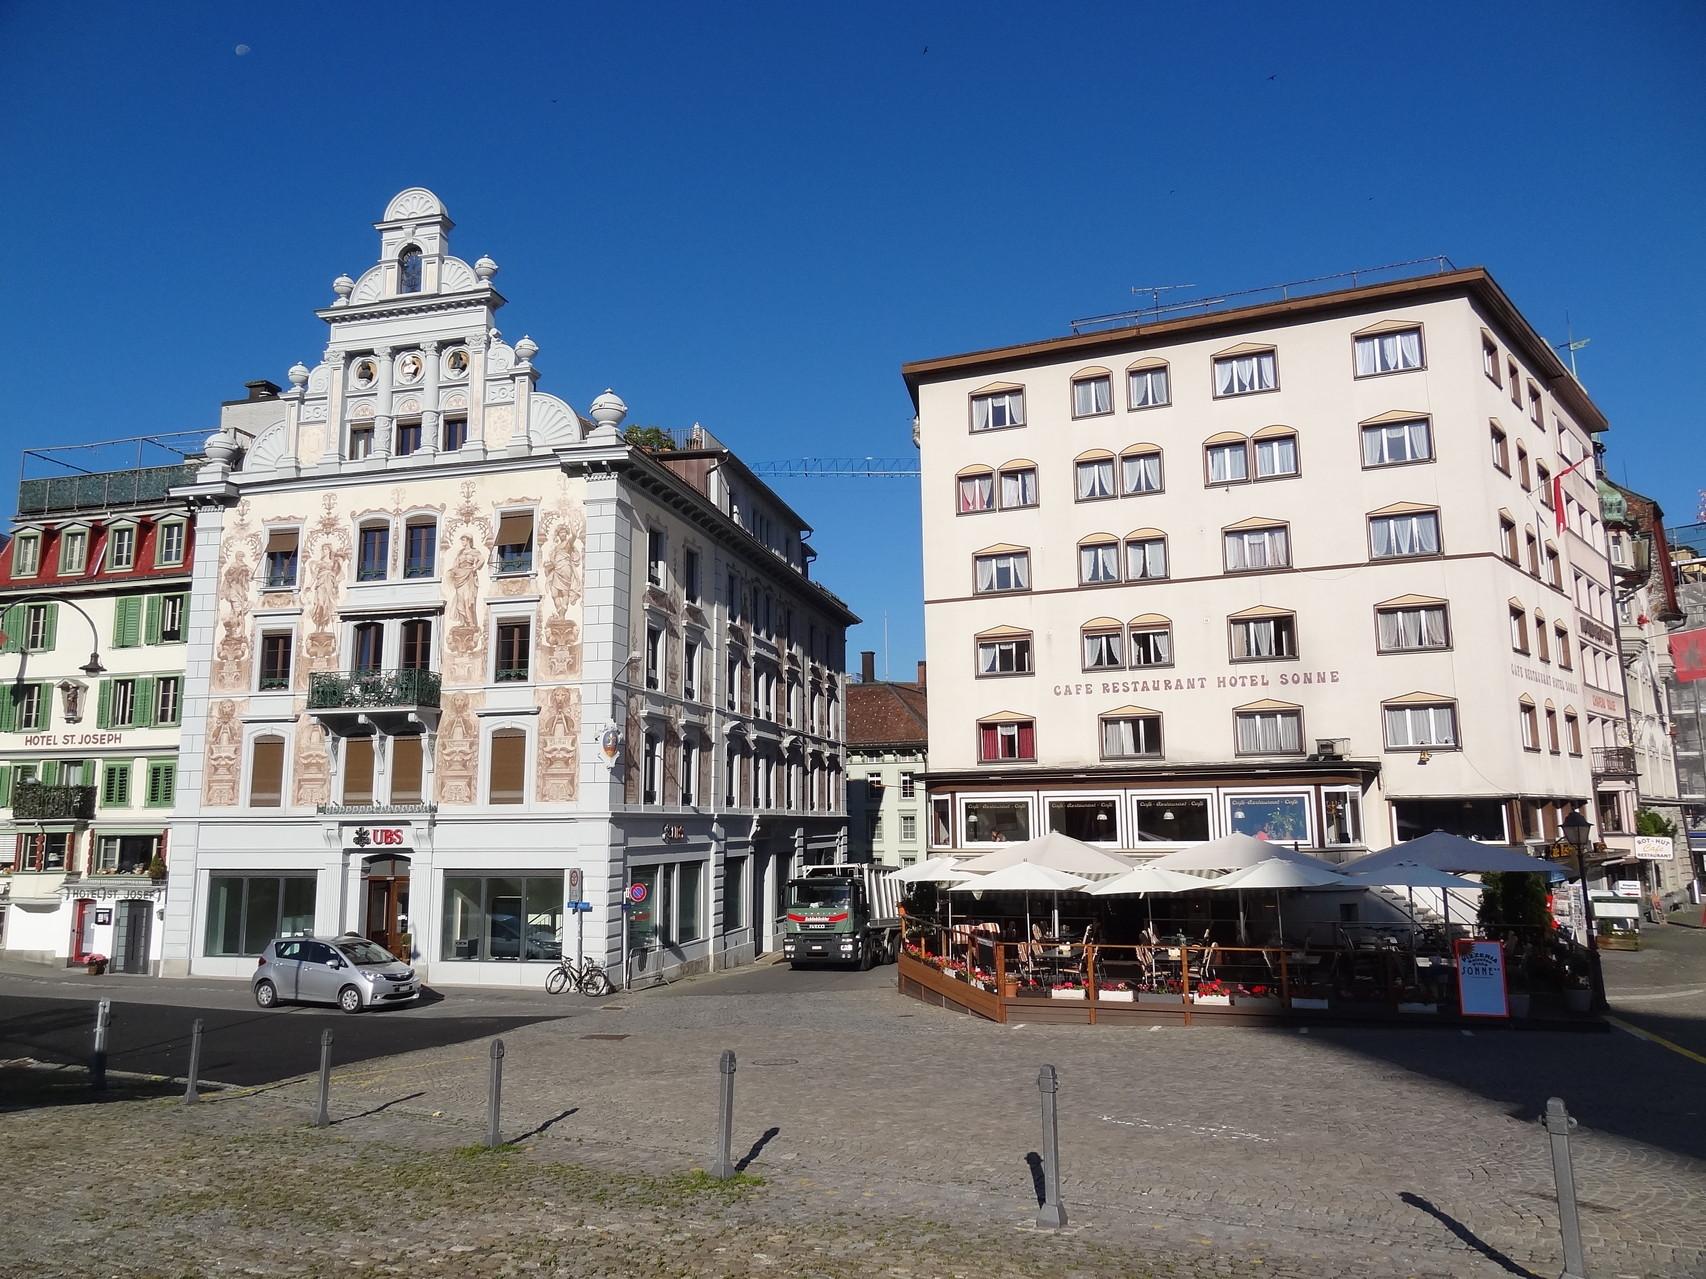 Einsiedeln - Das Hotel gleich vis-a-vis